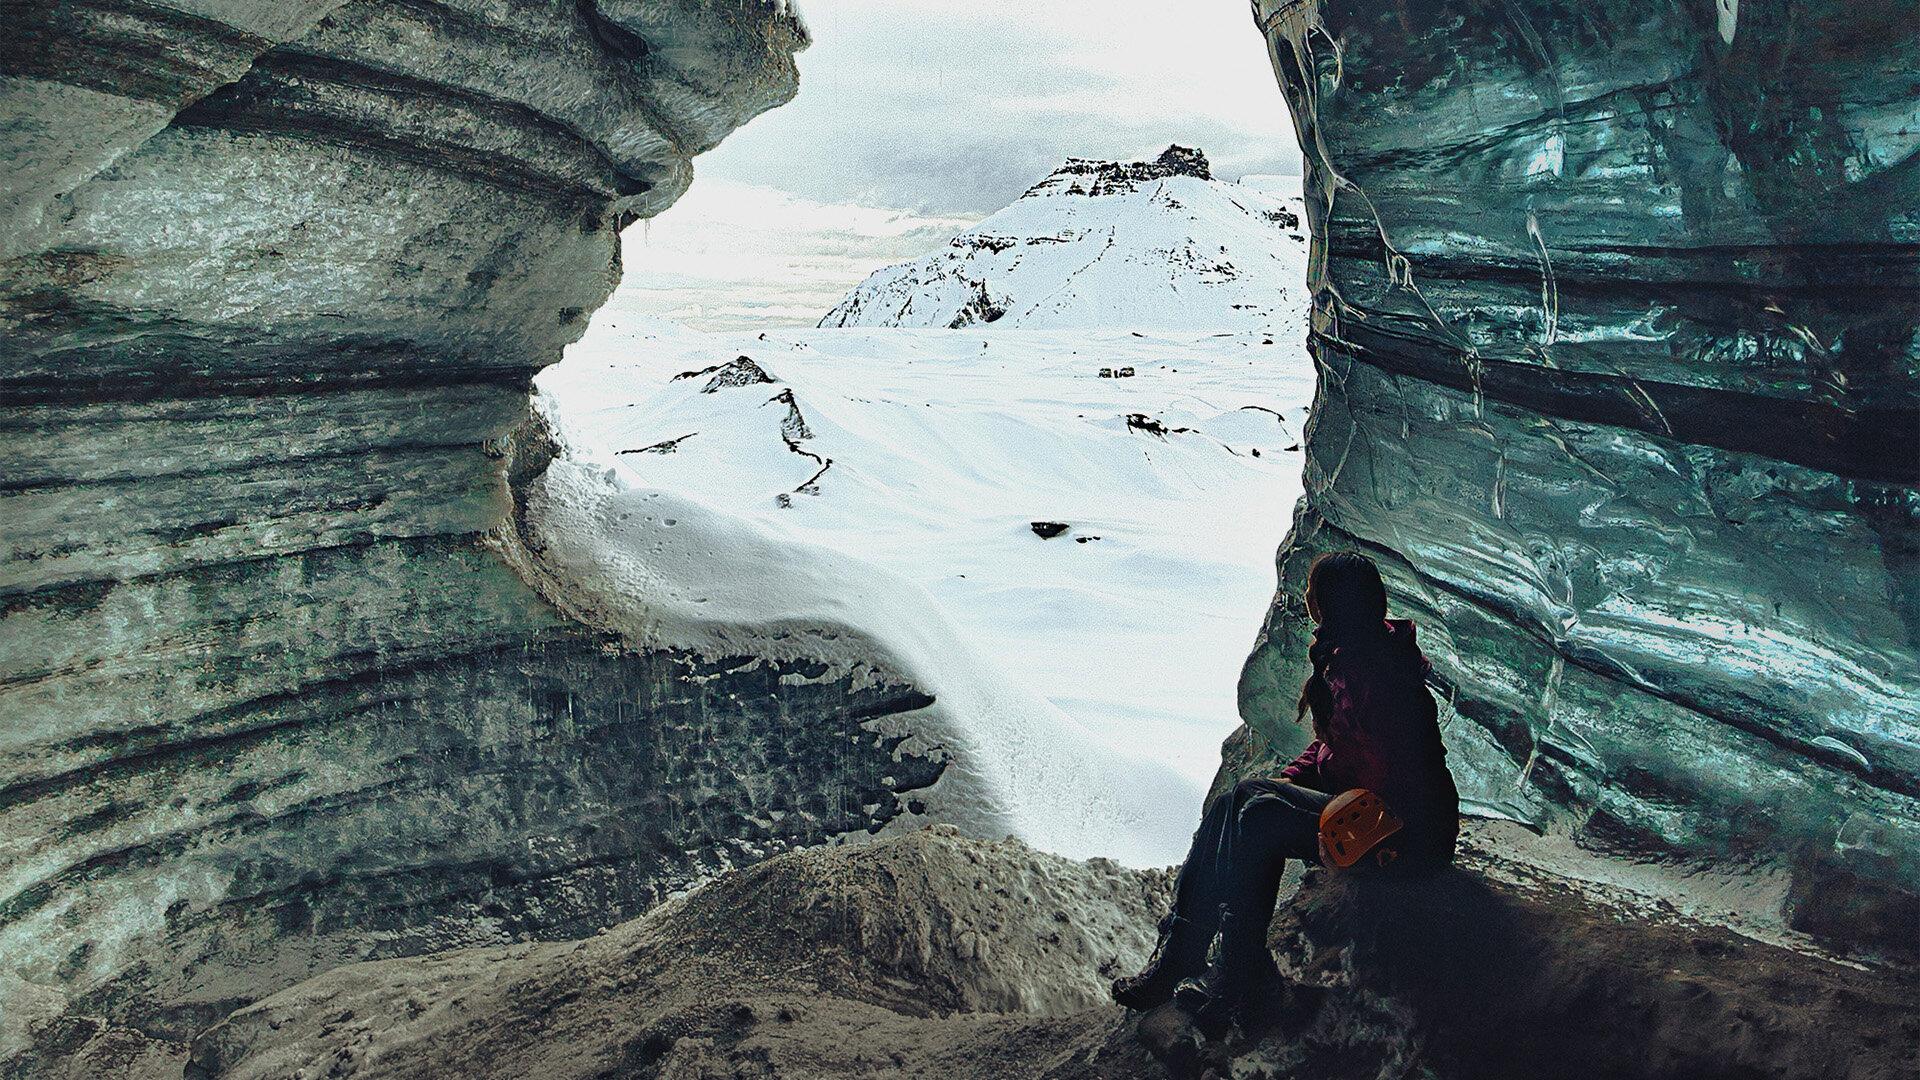 在冰岛的金圈,女孩坐在一个蓝色的冰洞里,凝视着远处白雪覆盖的山脉